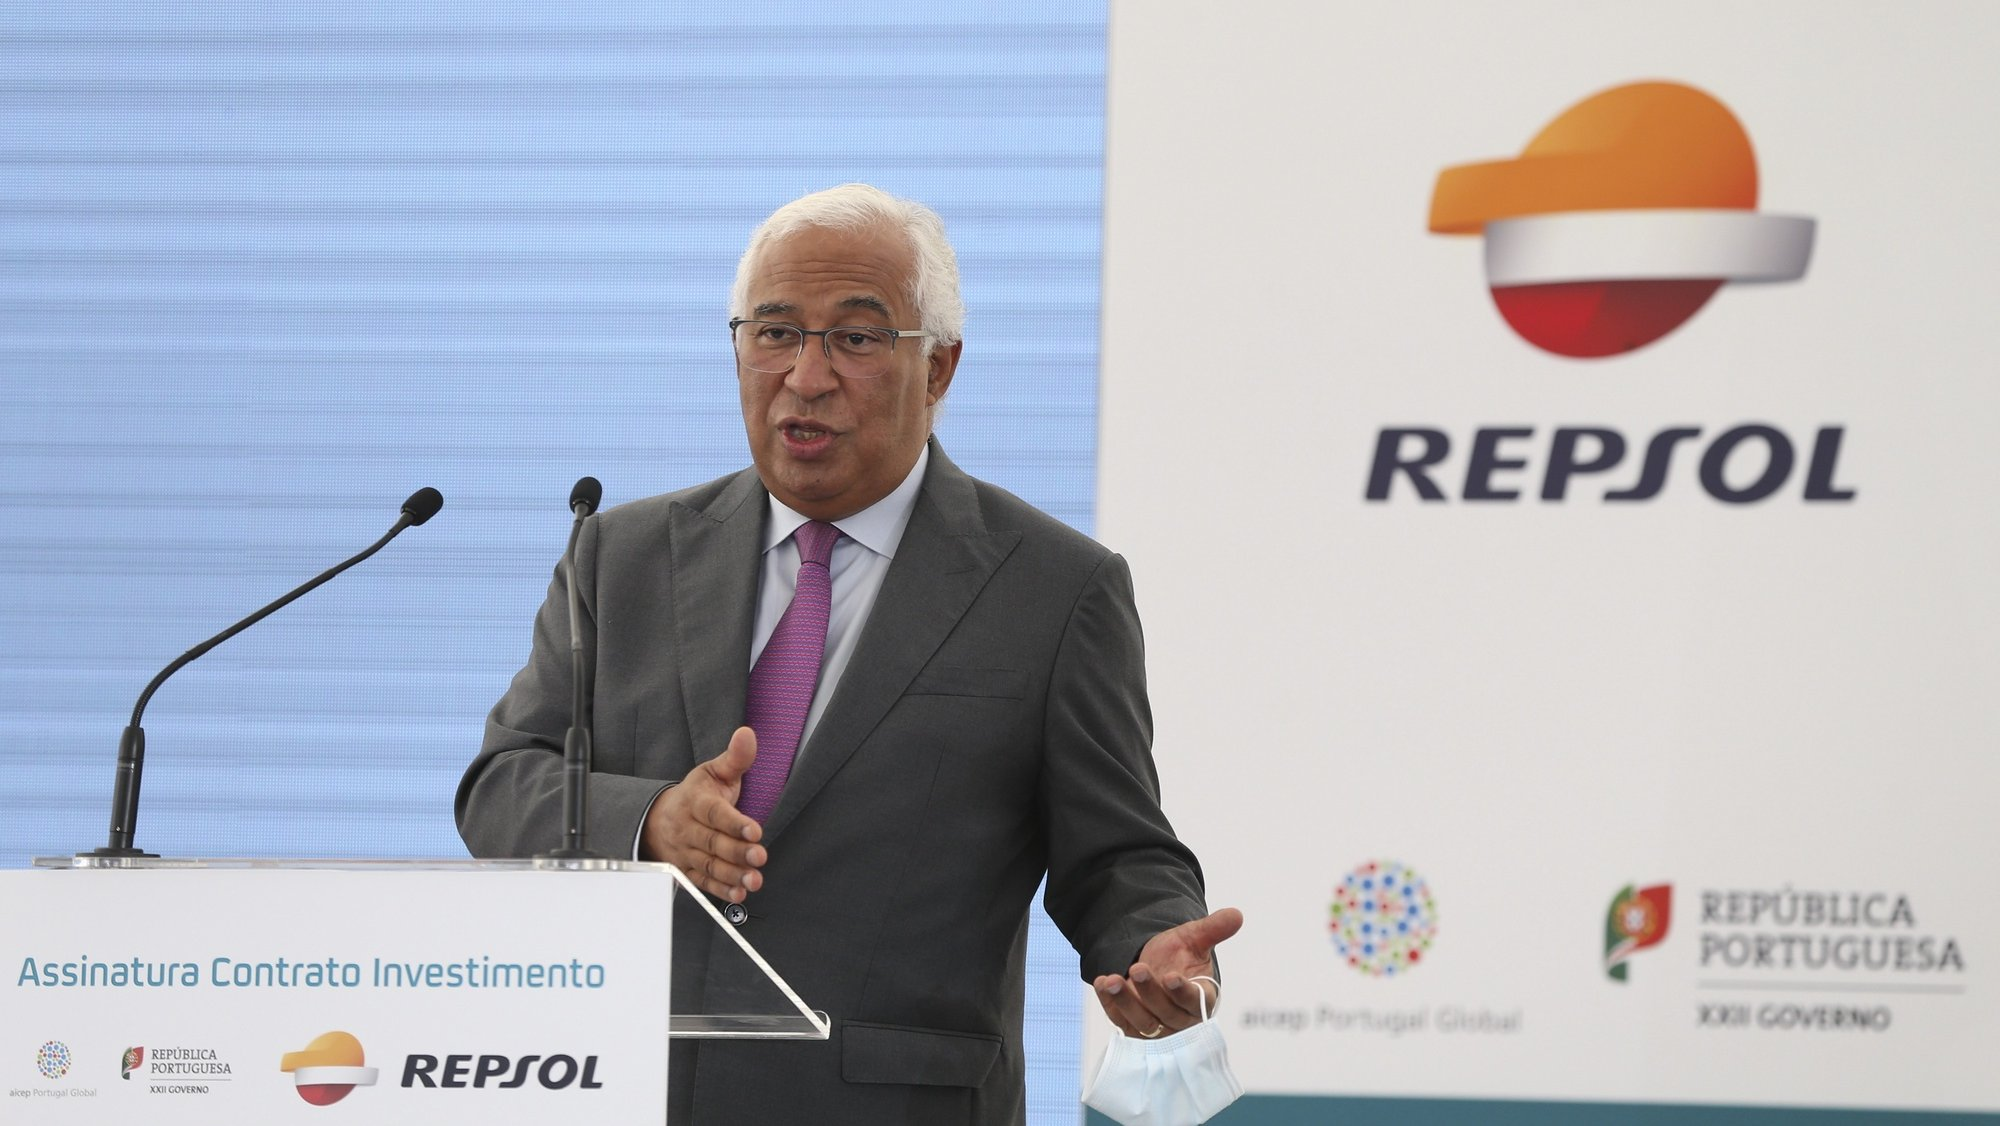 """O primeiro-ministro, António Costa, discursa durante a cerimónia de assinatura do contrato de investimento do Governo português com a Repsol, companhia energética de origem espanhola, no complexo industrial da Repsol em Sines, 13 de outubro de 2021. A Repsol e o Governo assinam hoje o contrato de investimento no complexo de Sines, que prevê incentivos fiscais de até 63 milhões a um projeto de 657 milhões de euros, apontado como o """"maior investimento industrial"""" da última década. MANUEL DE ALMEIDA/LUSA"""